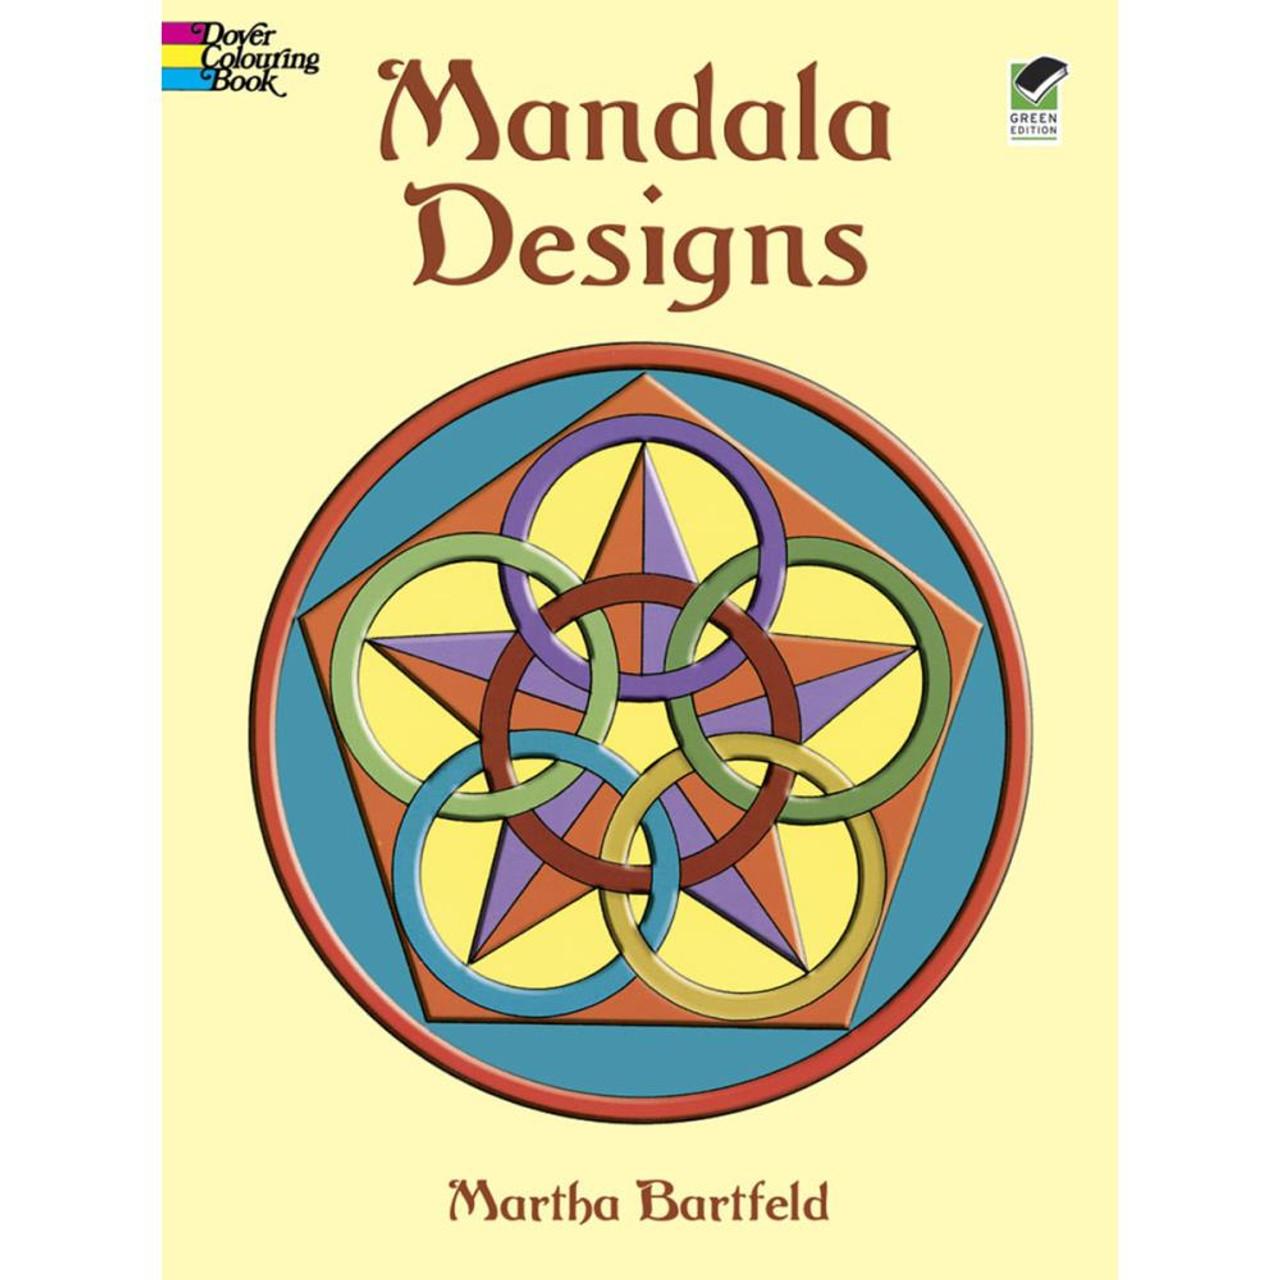 - Dover Publications Coloring Book: Mandala Designs - Scrapbook